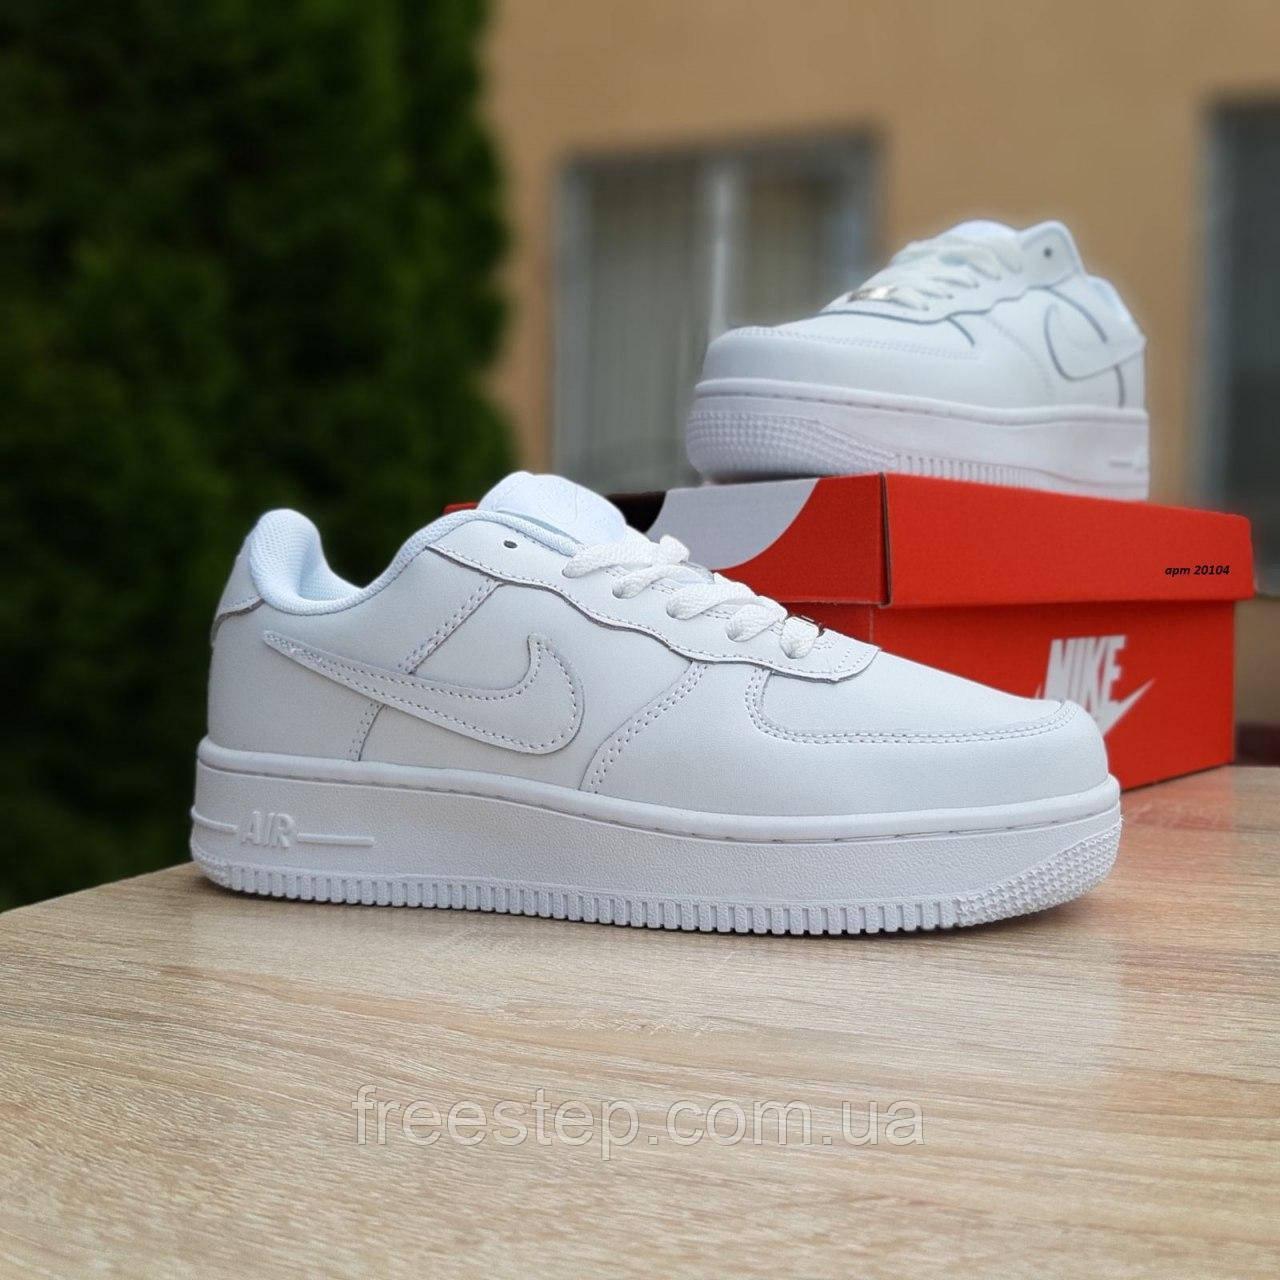 Кросівки жіночі в стилі Nike Air Force білі